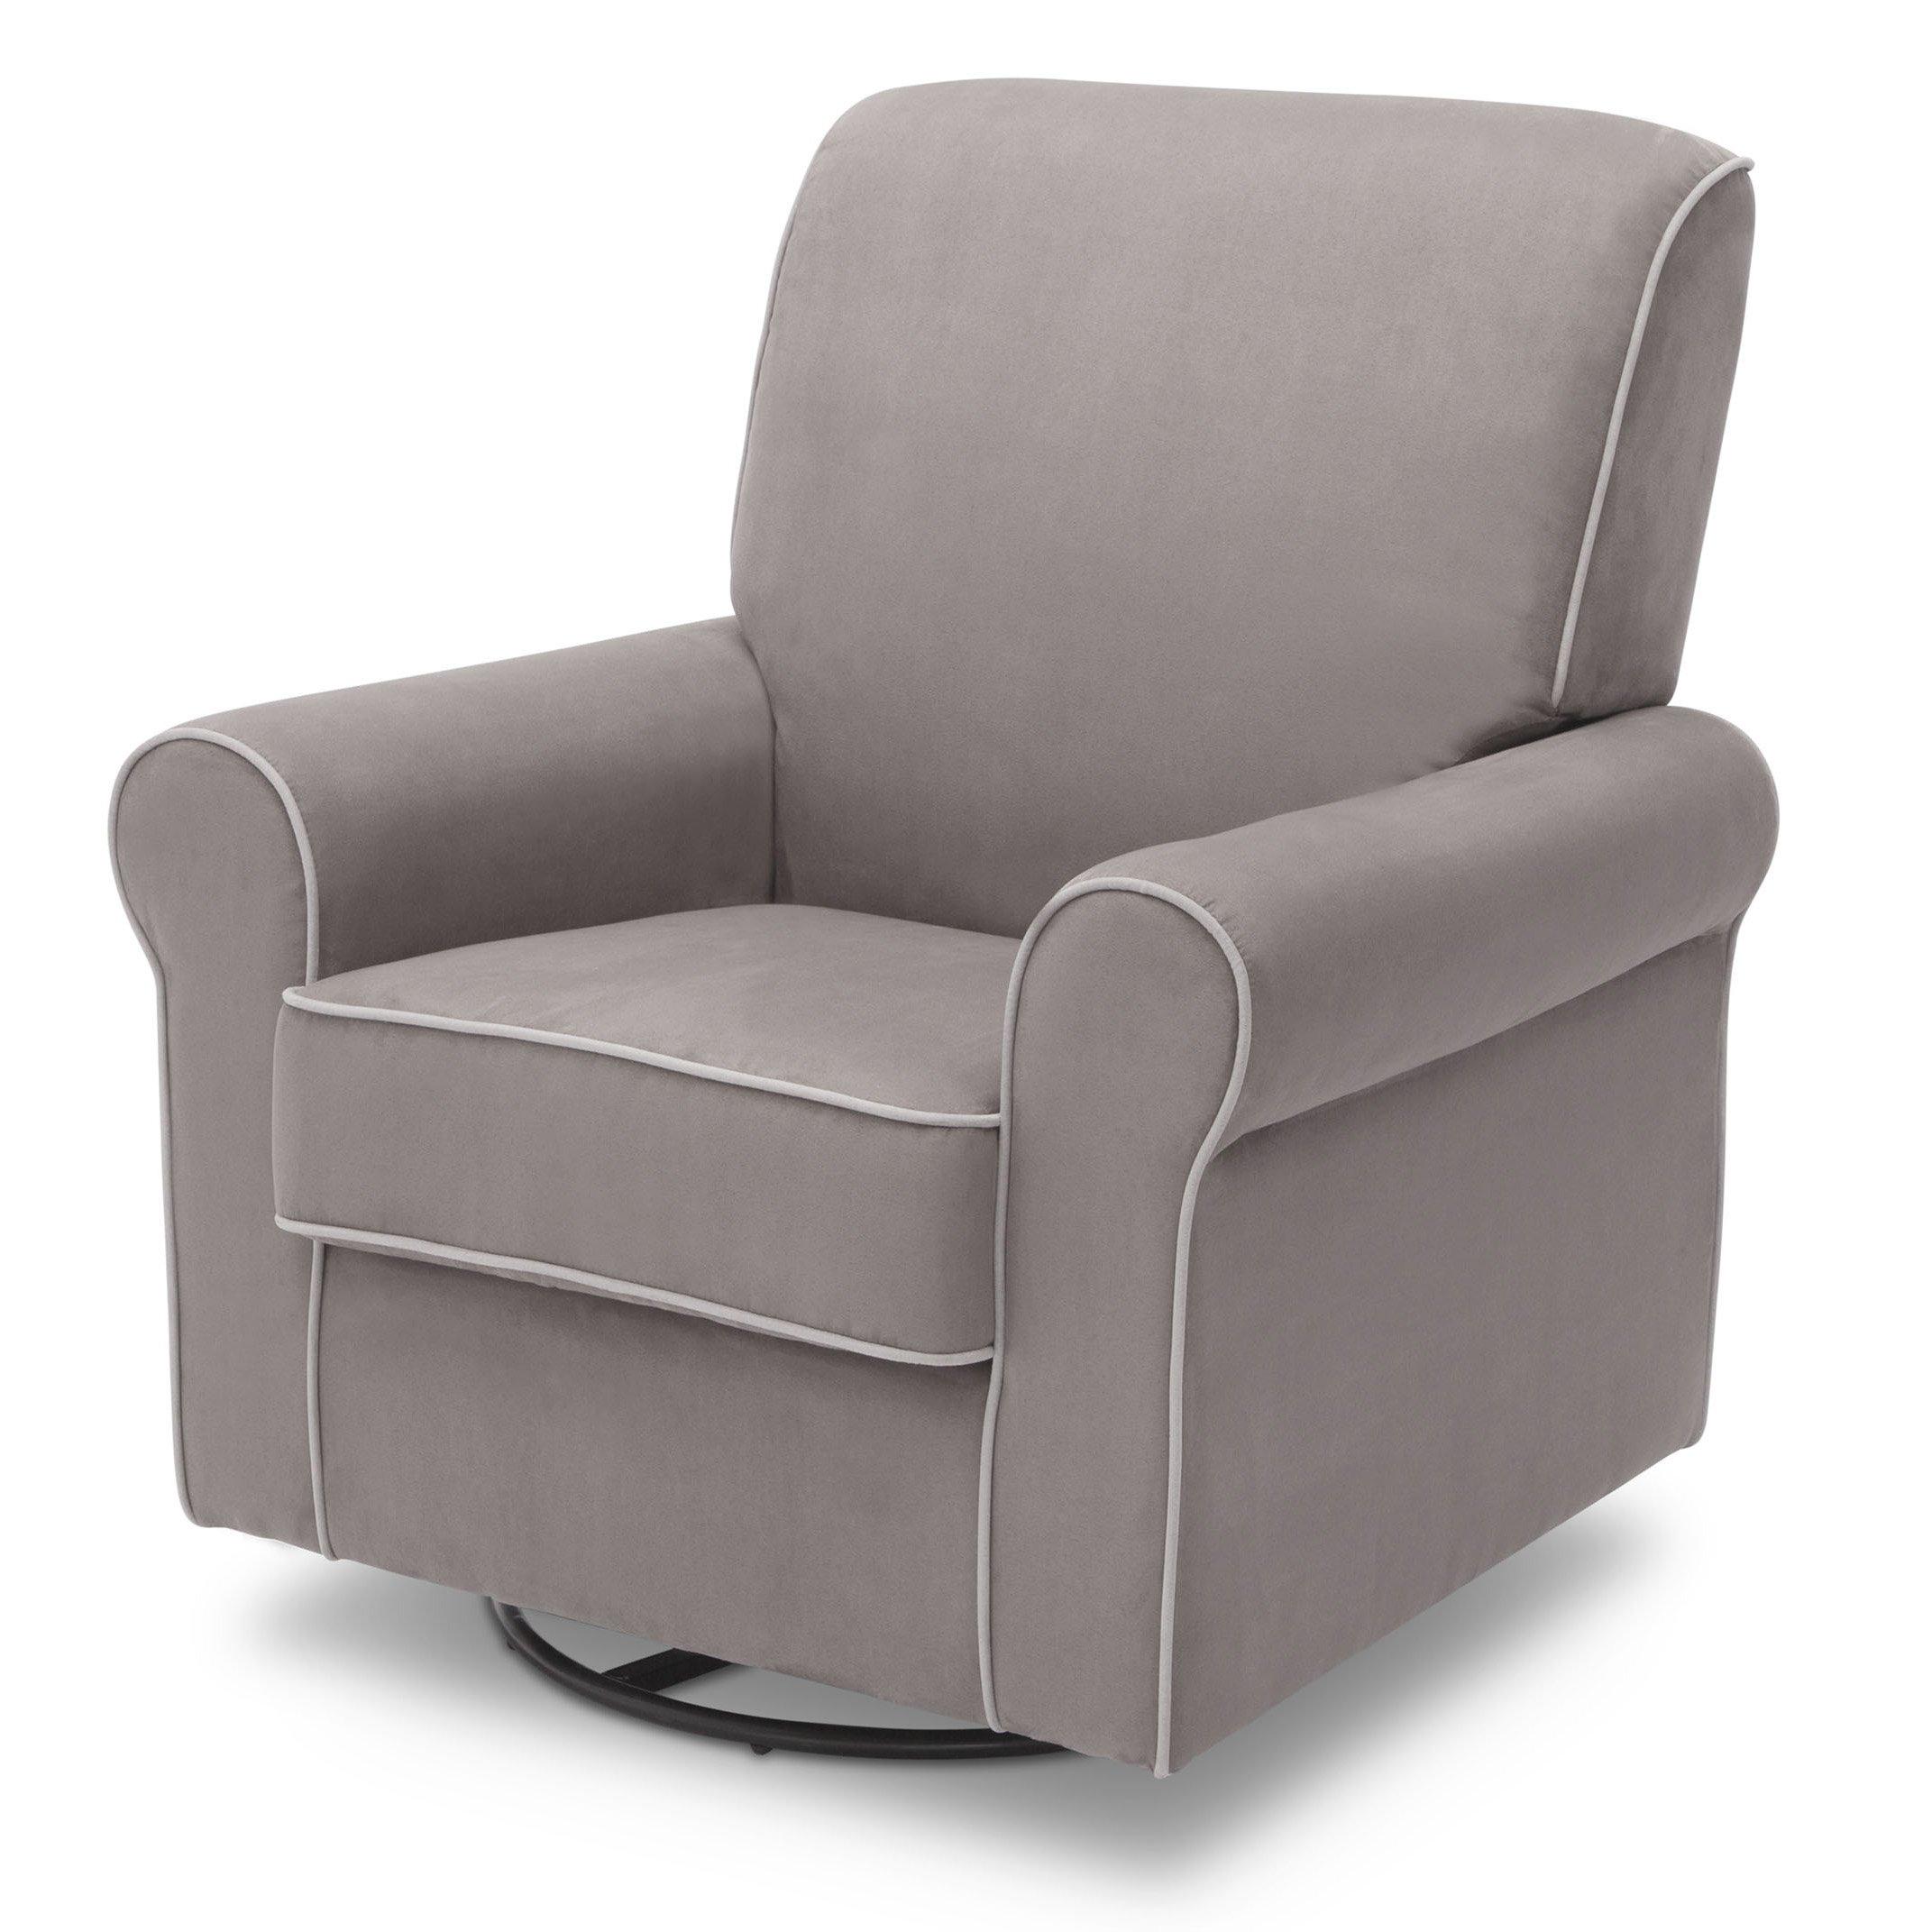 Delta Children Rowen Glider Swivel Rocker Chair, Dove Grey